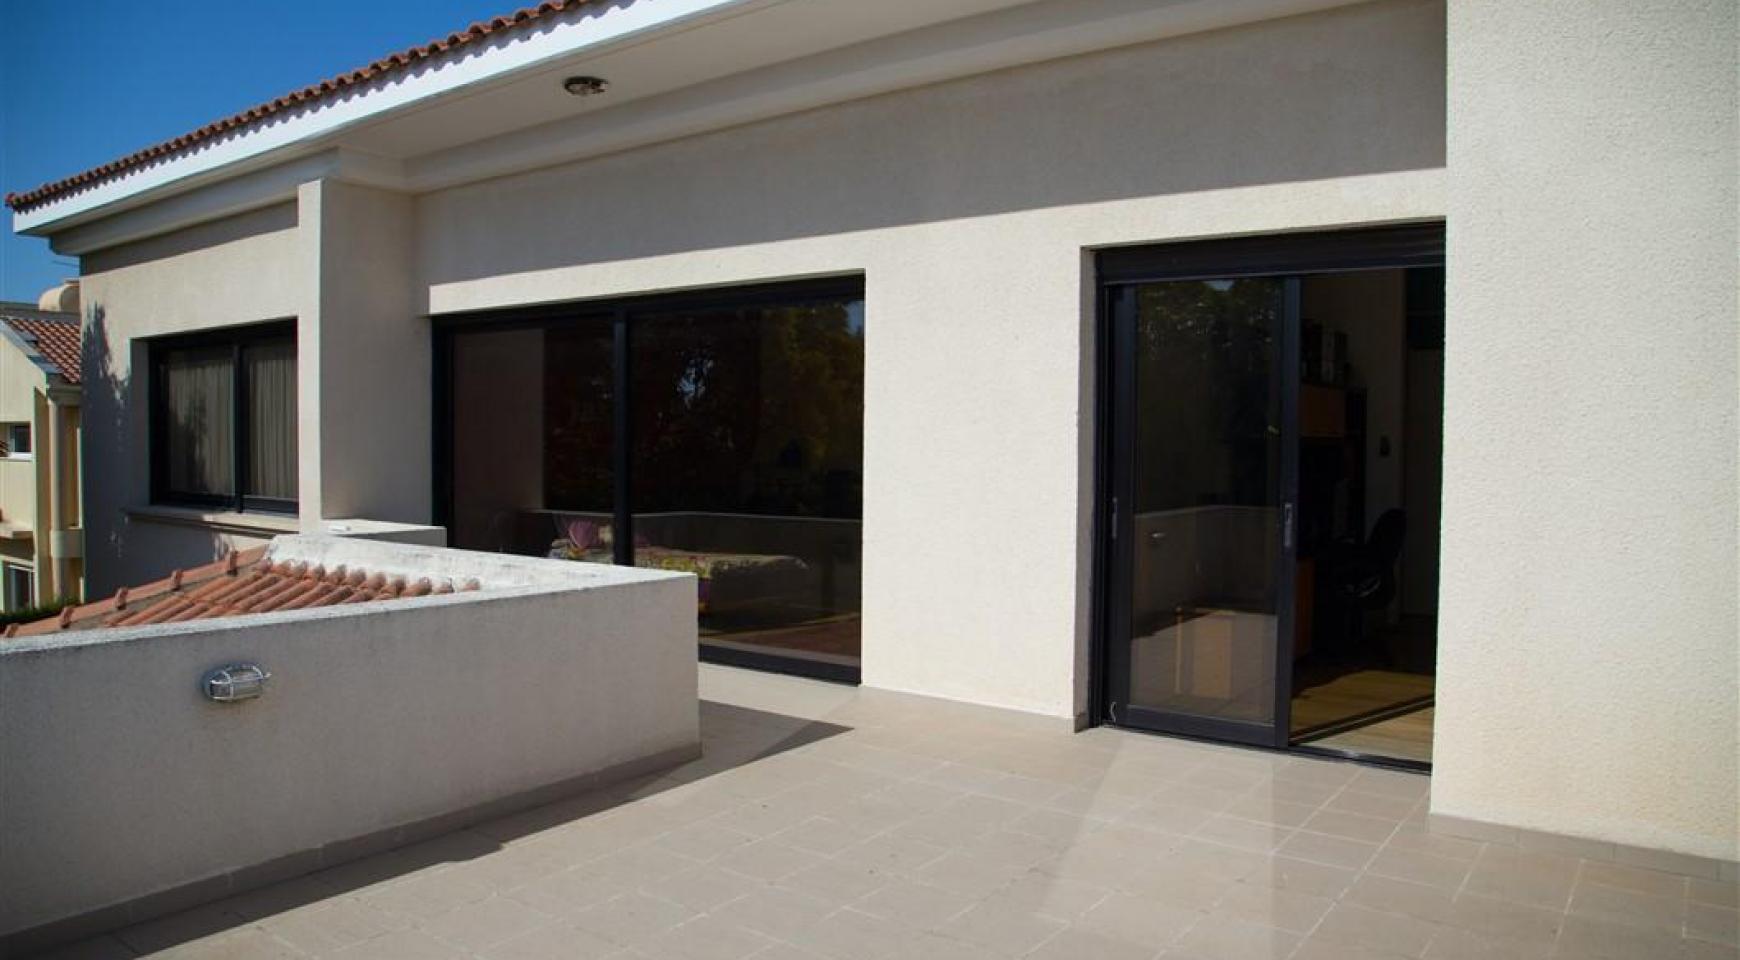 4 Bedroom Villa in Germasogeia Area - 9